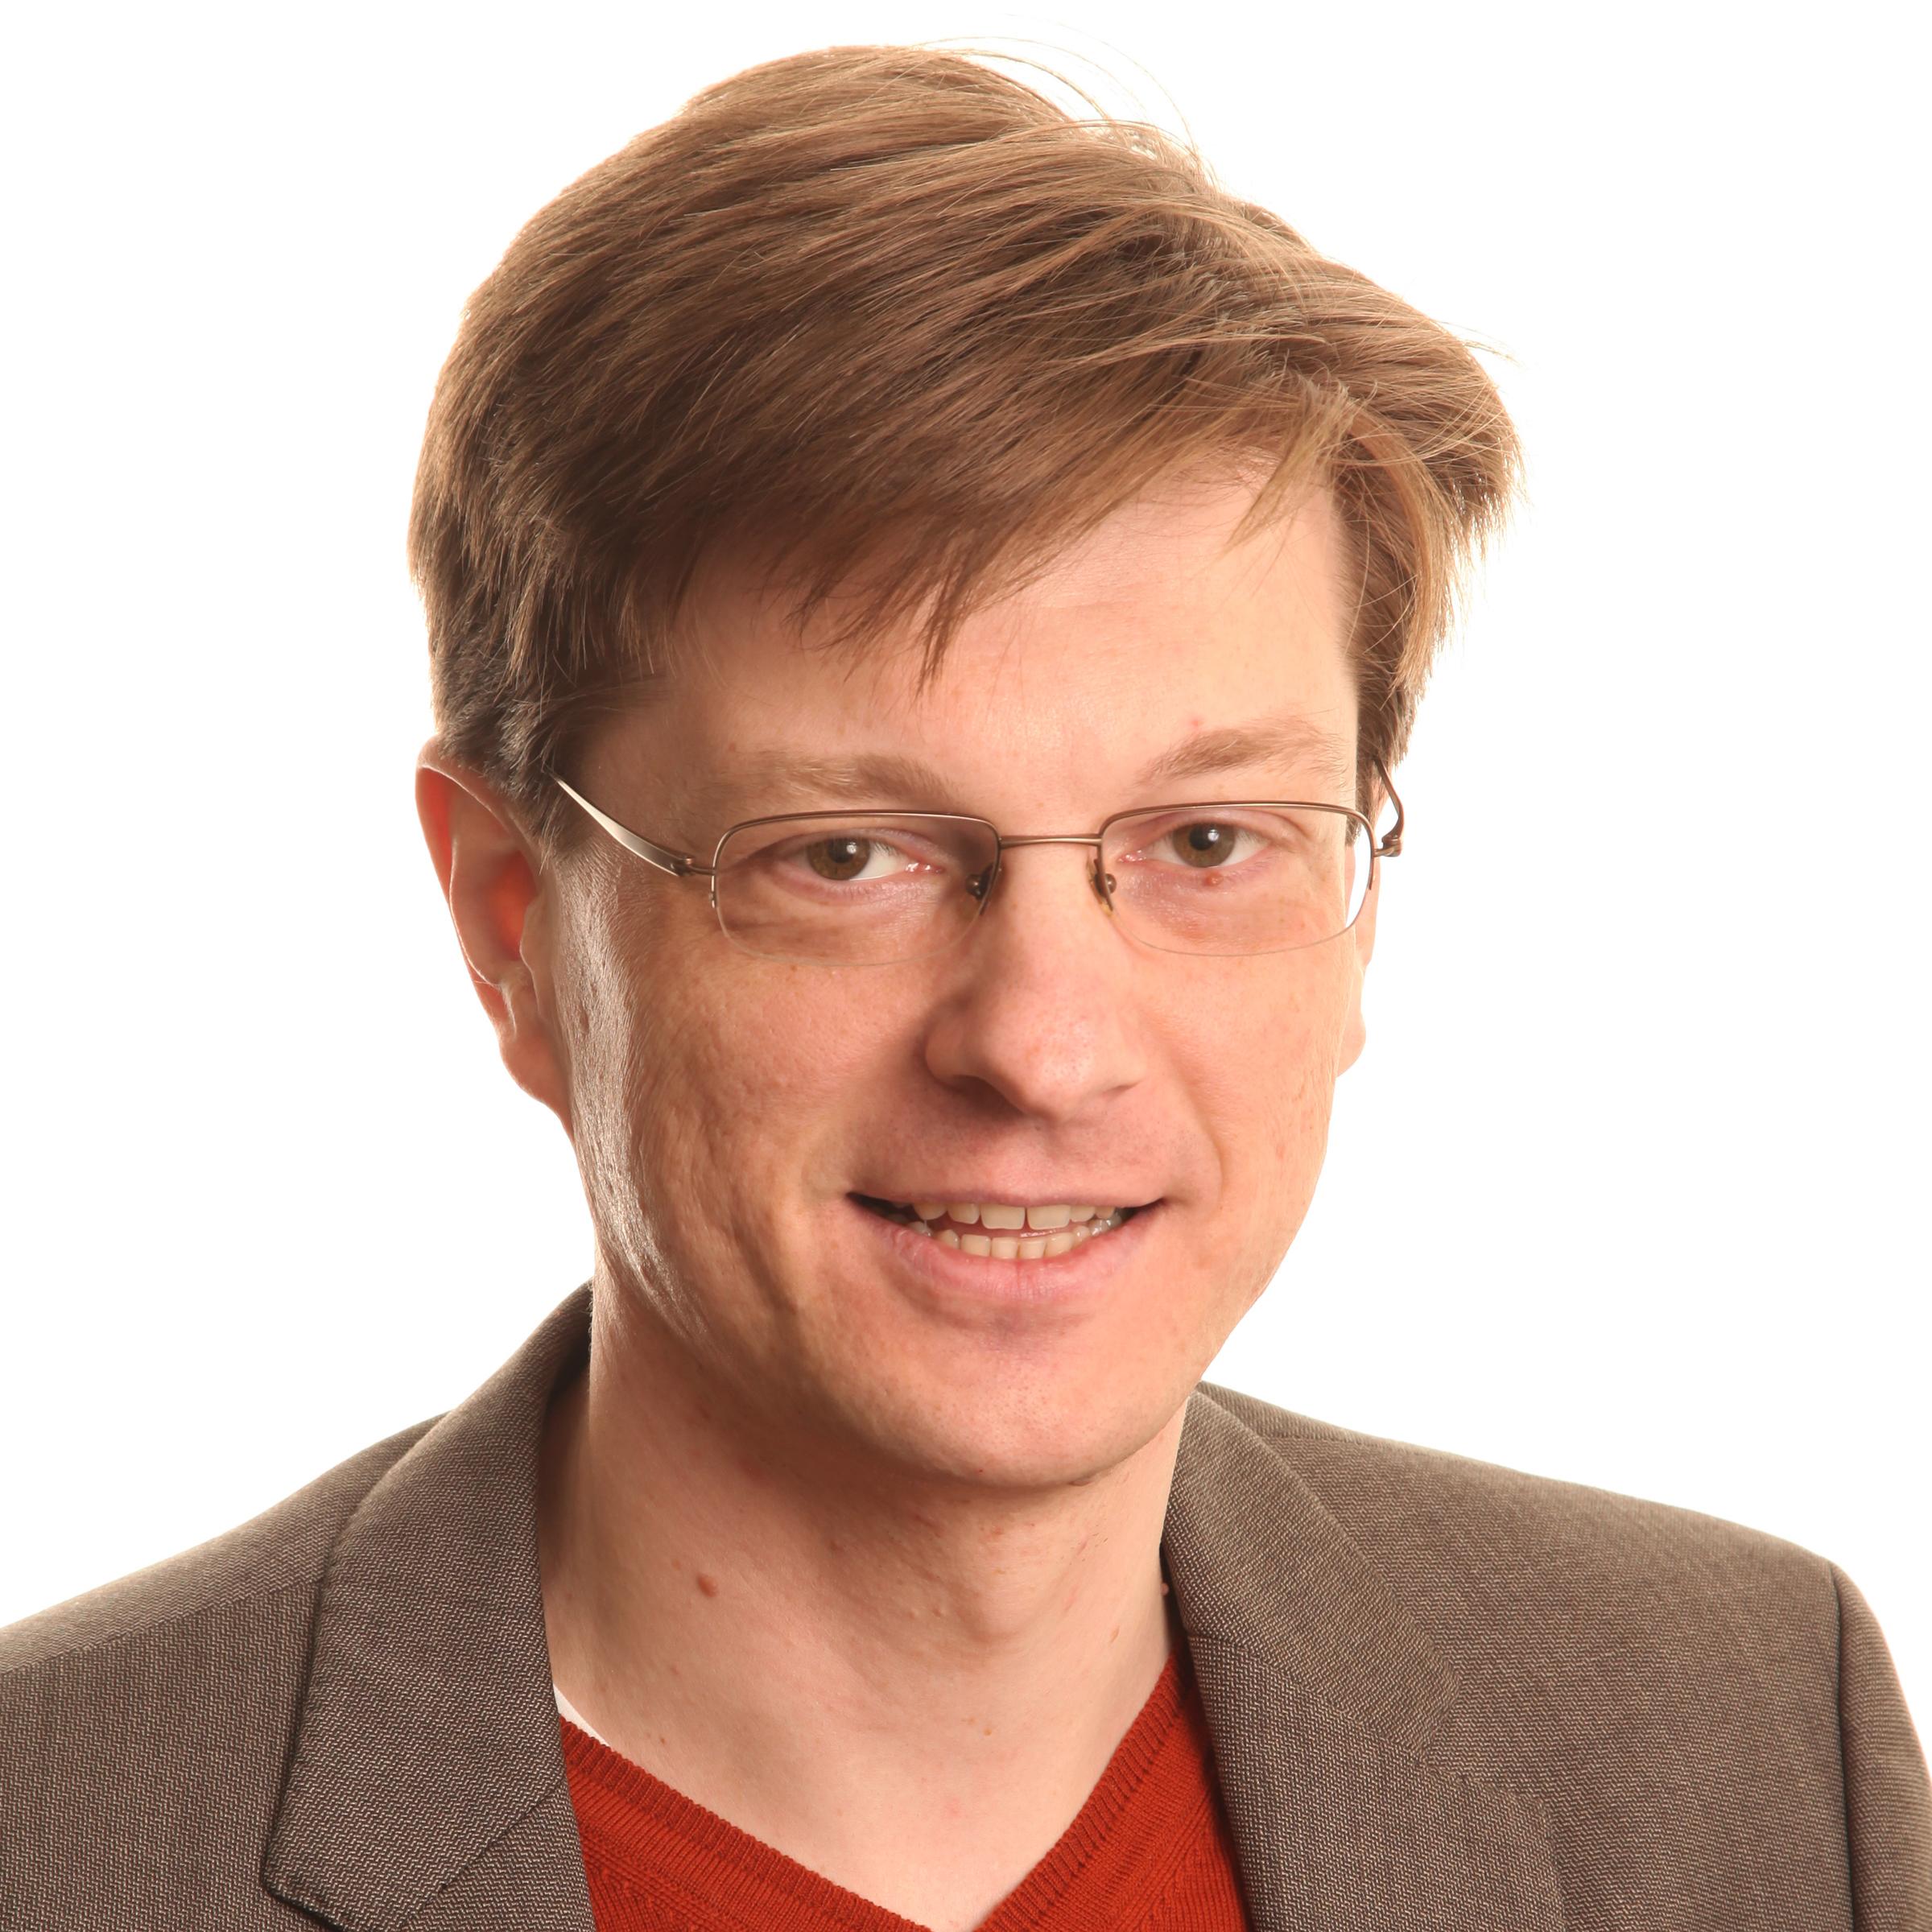 Aleksej Heinze